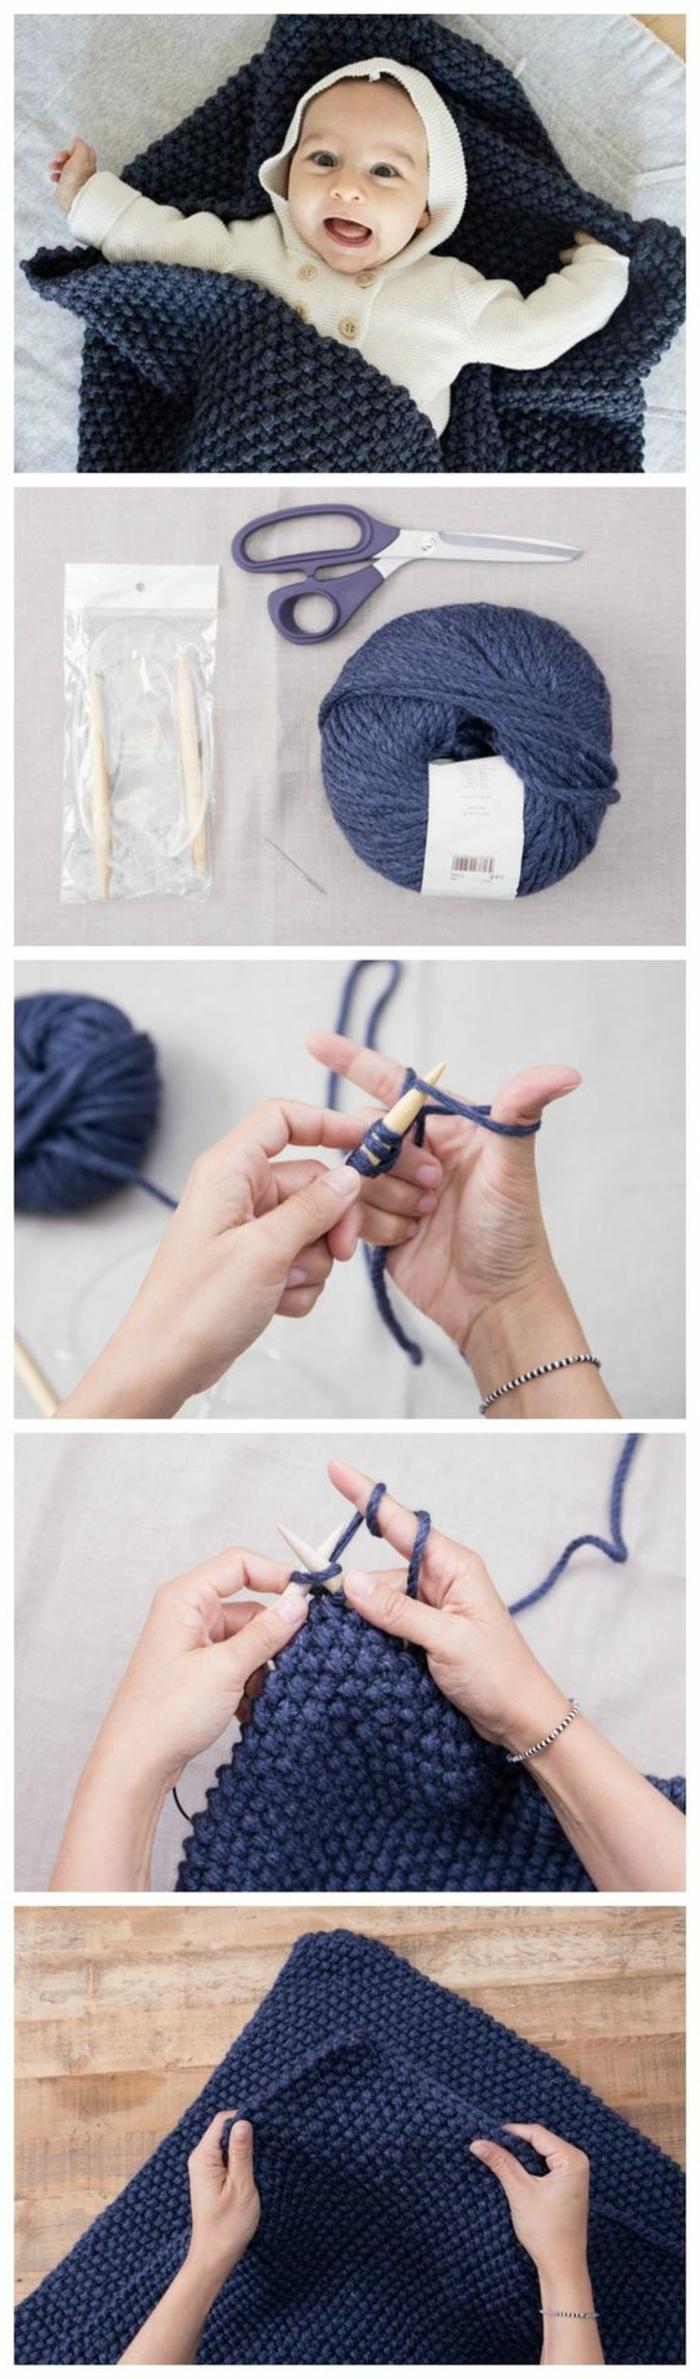 bonita manta de lana hecha a mano, ideas de regalos para recién nacidos originales, ejemplos de actividades de pasatiempo